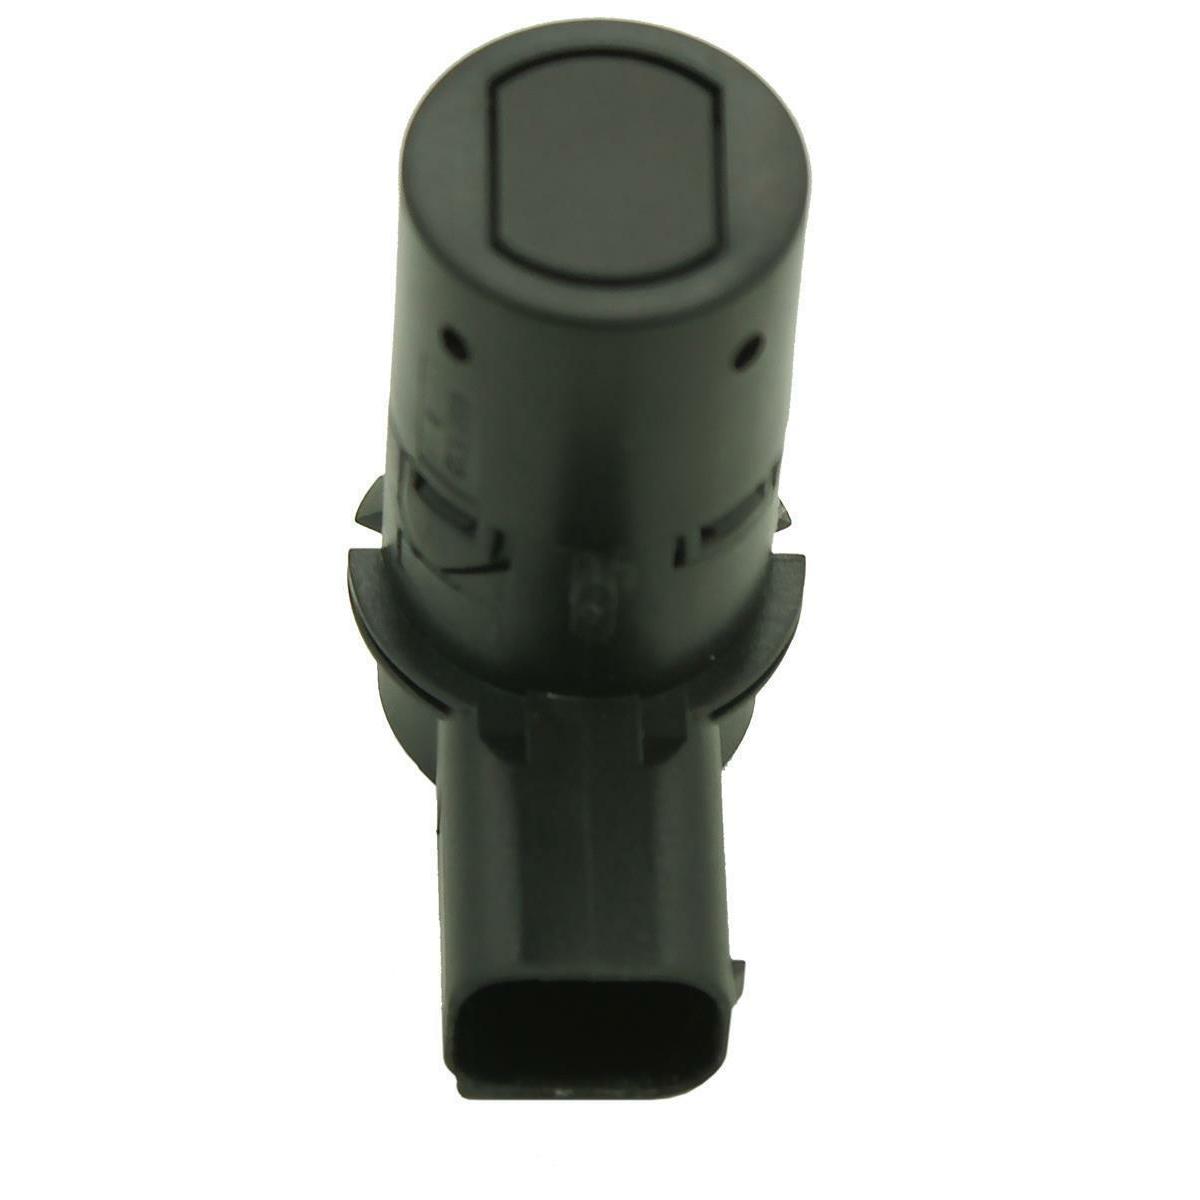 Parksensor 25994-ZC10A for Nissan PDC Parktronic